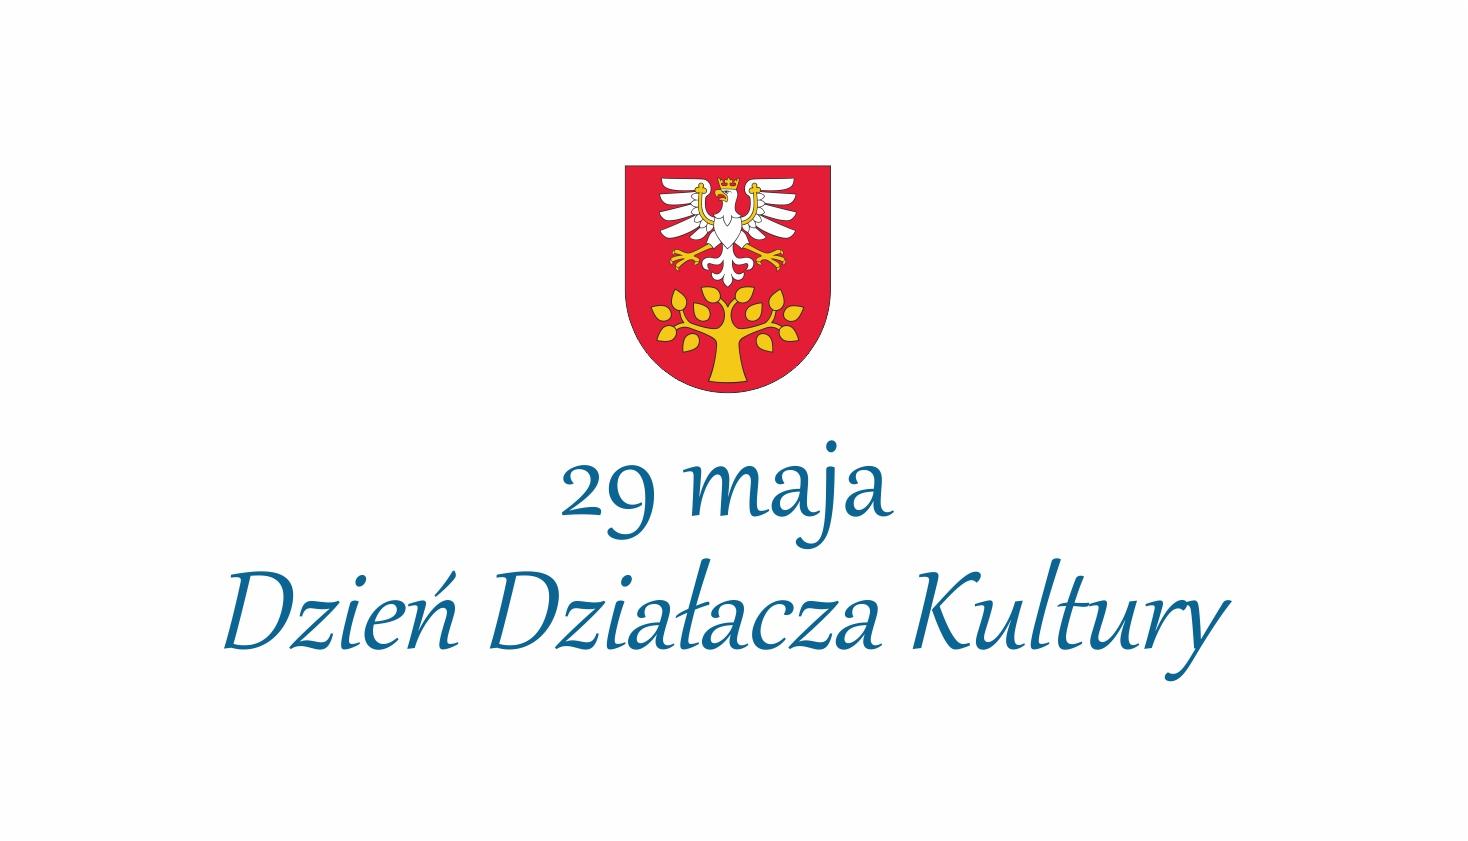 29 maja - ogólnopolski dzień działacza kultury - plakat informacyjny z logo powiatu